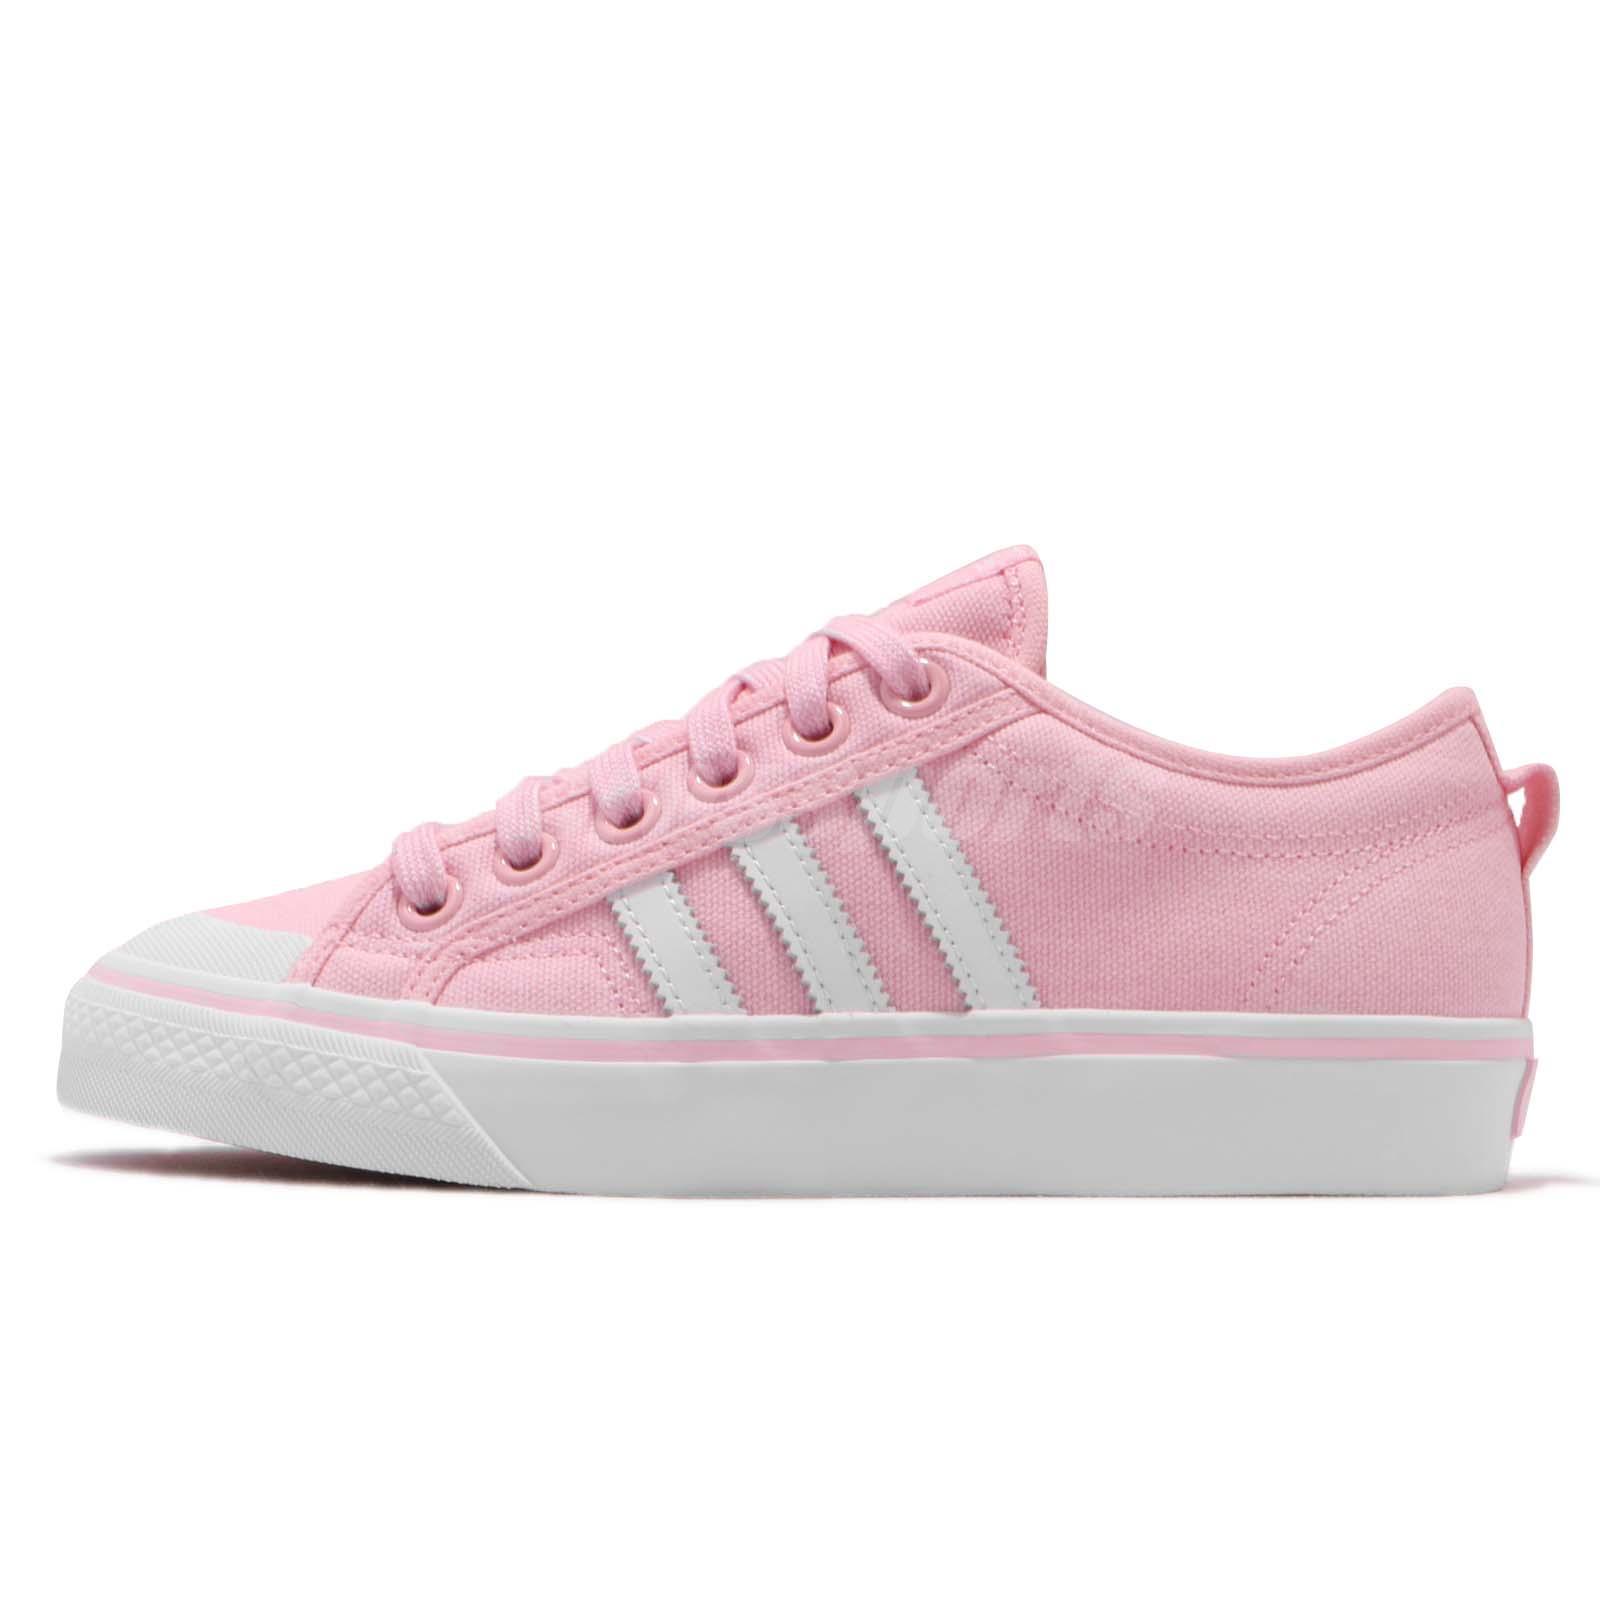 Detalles acerca de Adidas Originals Nizza W Wonder Rosa Calzado Zapatos Informales para Mujeres Blanco CQ2539 mostrar título original